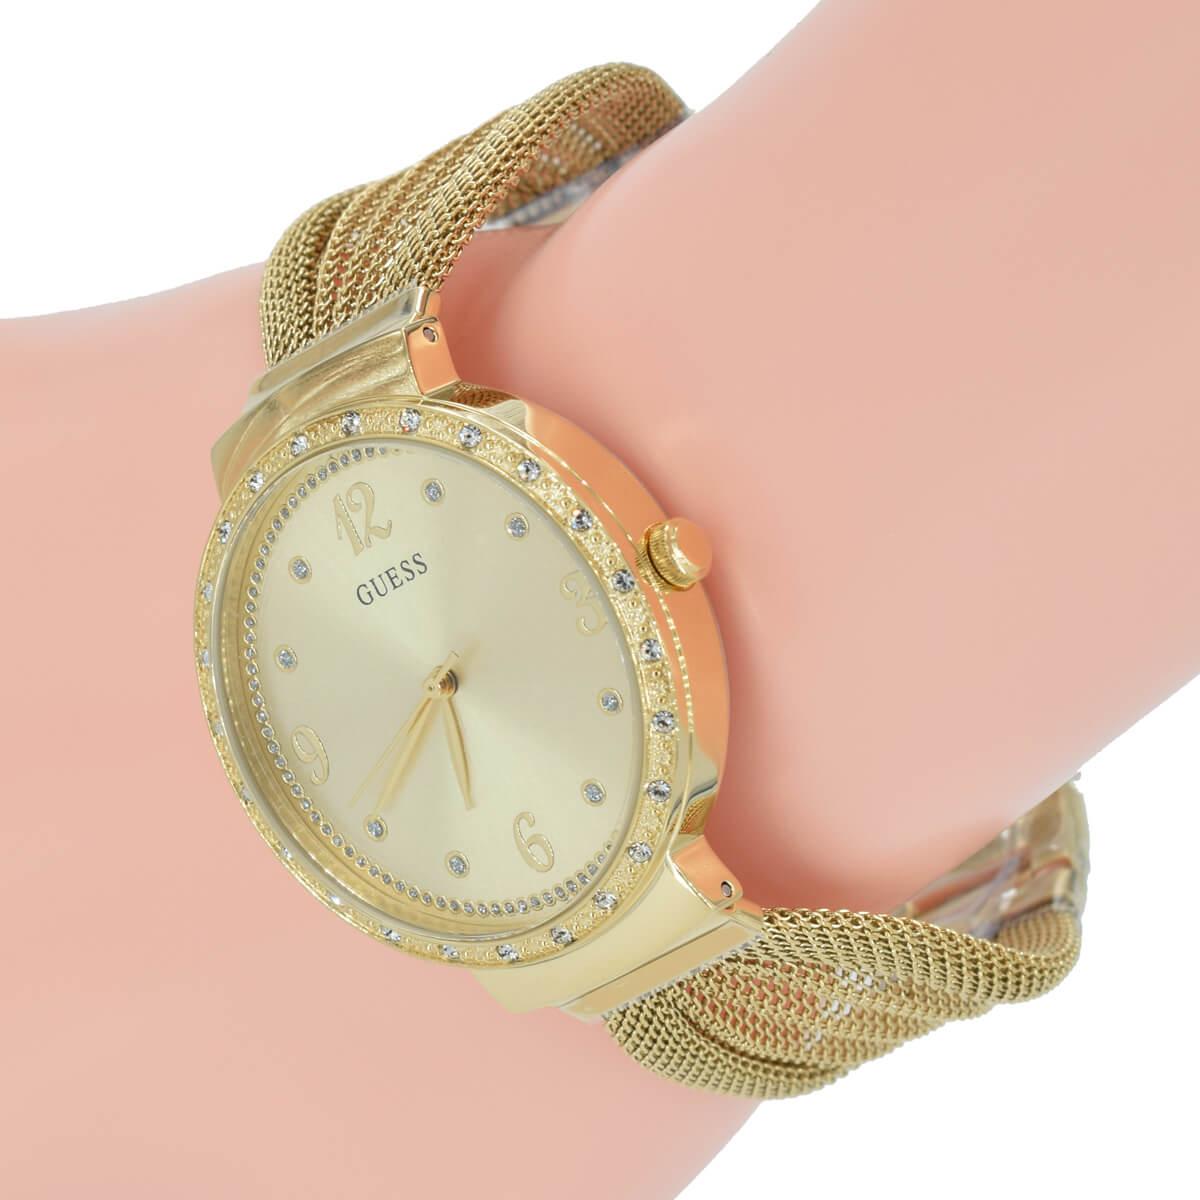 Chiffon Guess Farbe W1083l2 Milanaise Uhr Mesh Armband Gold Damen n0wkON8ZXP